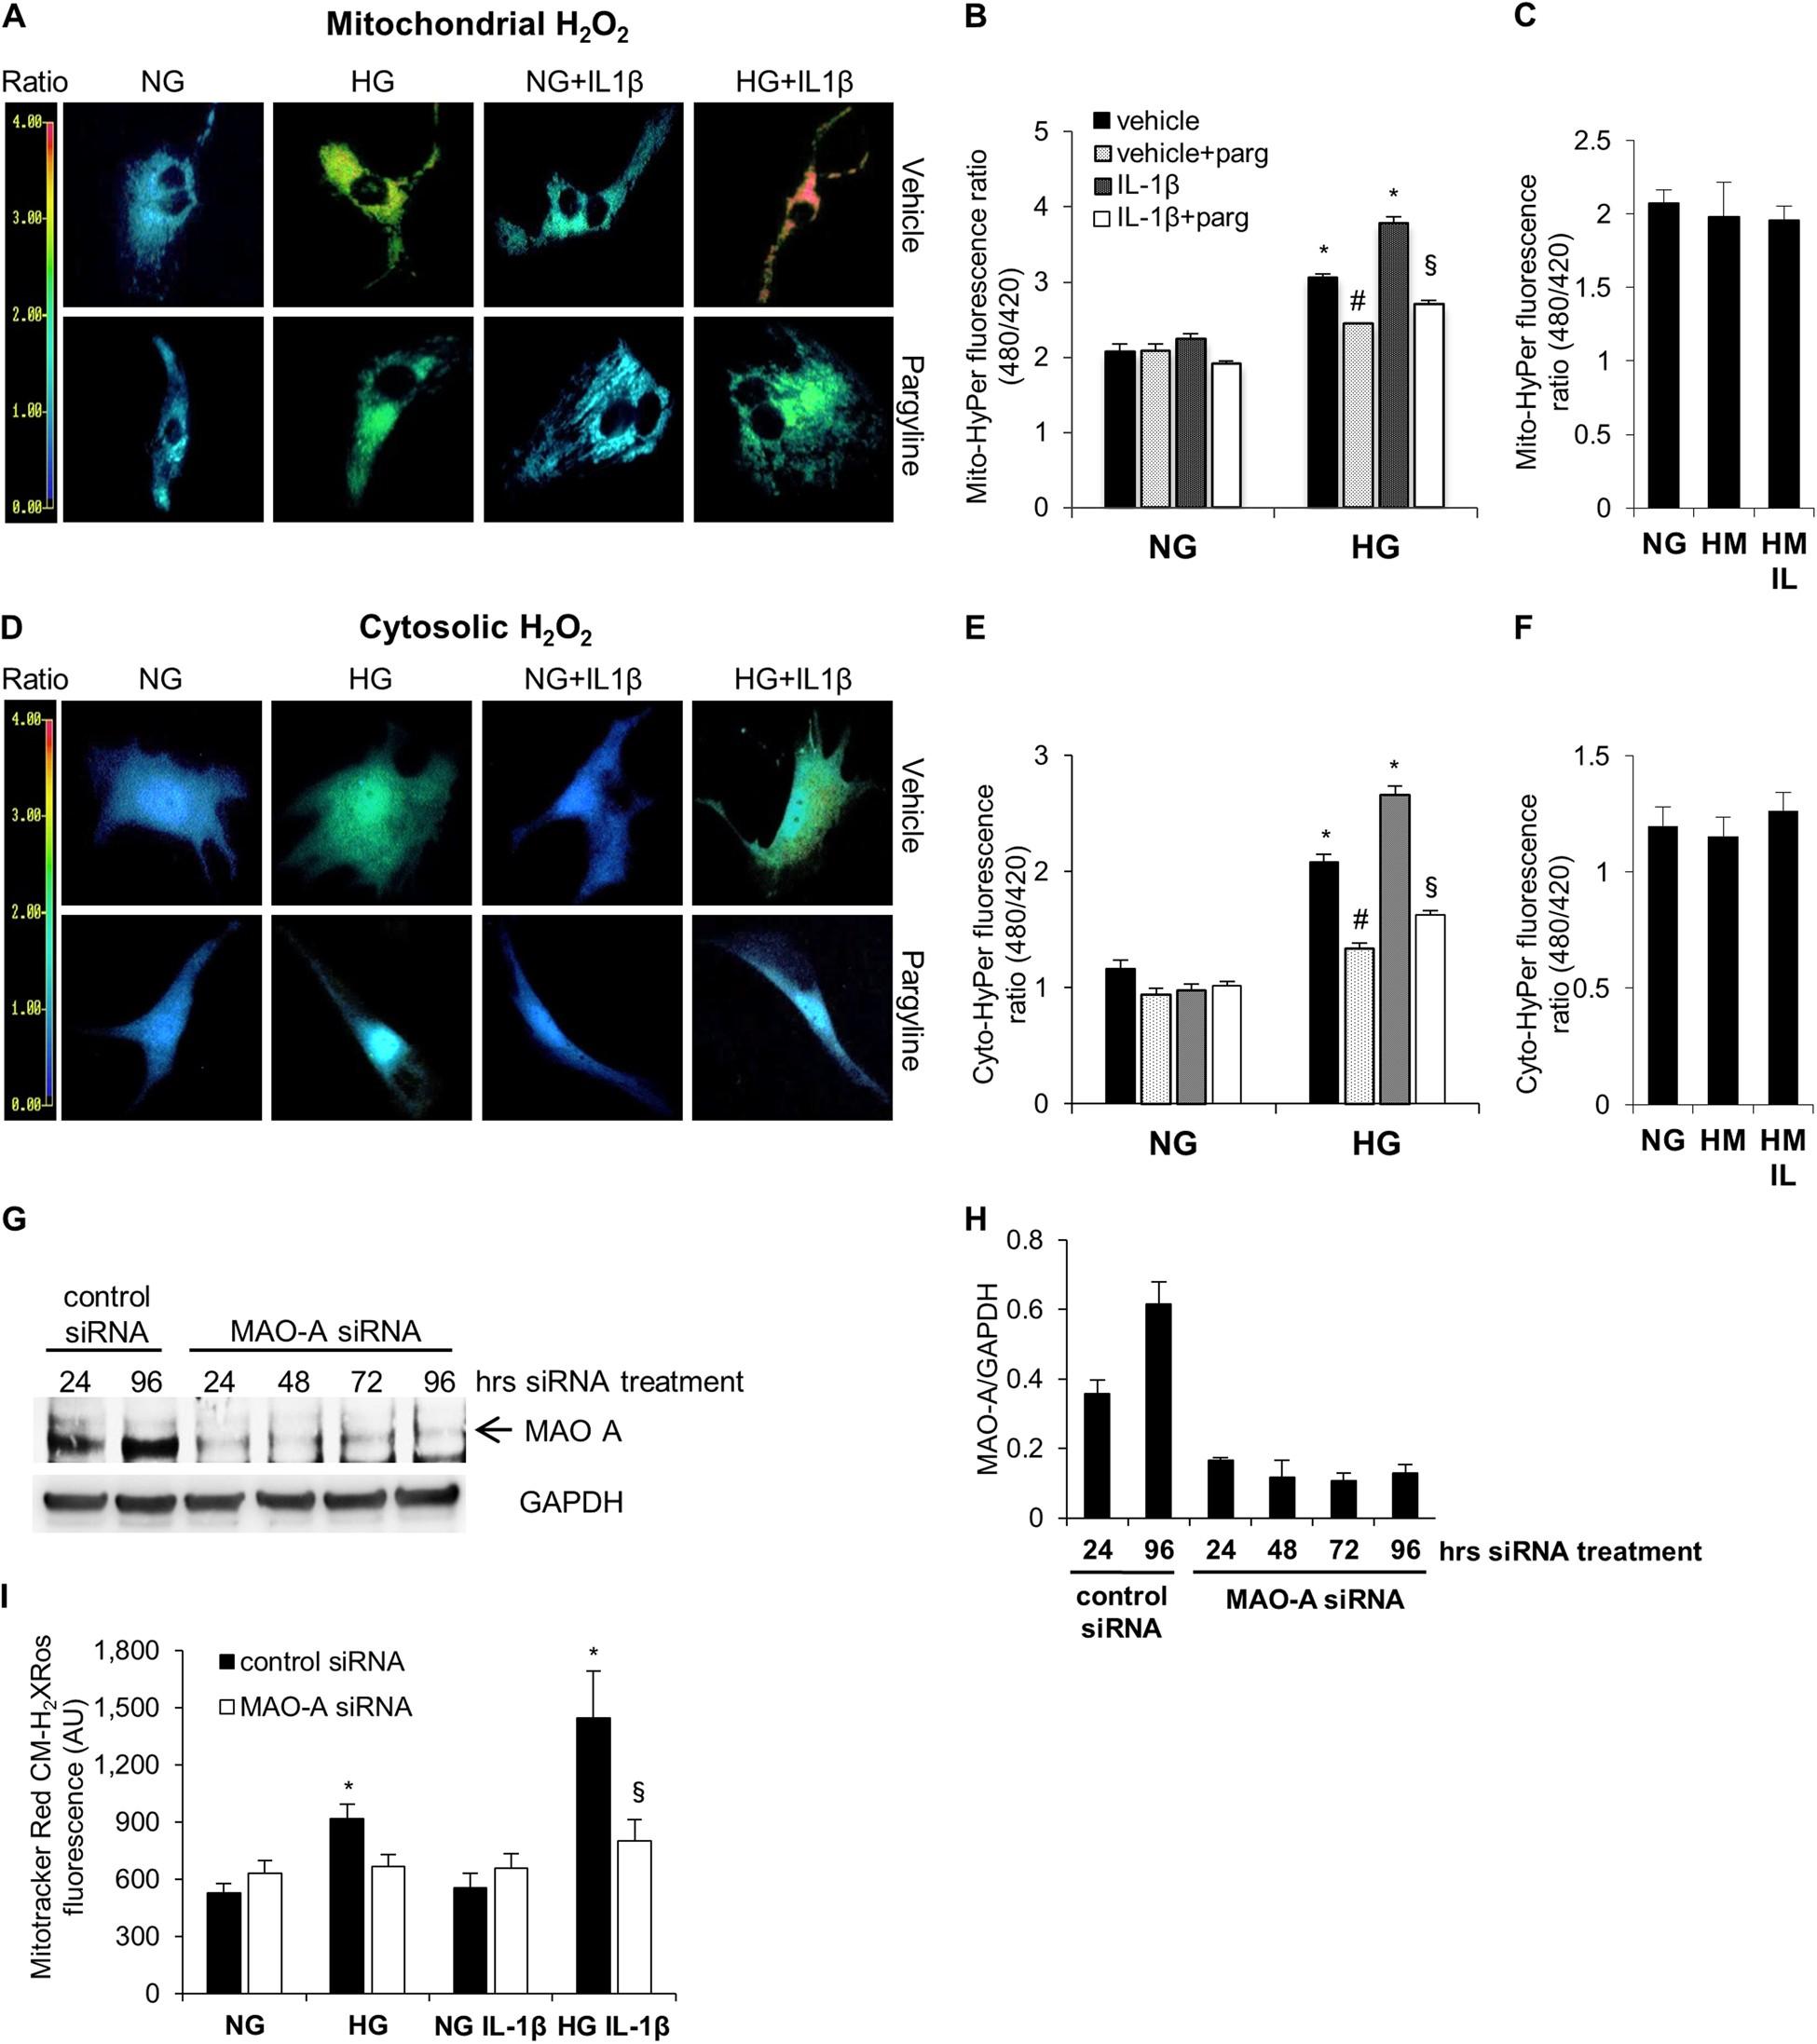 Monoamine oxidase-dependent endoplasmic reticulum